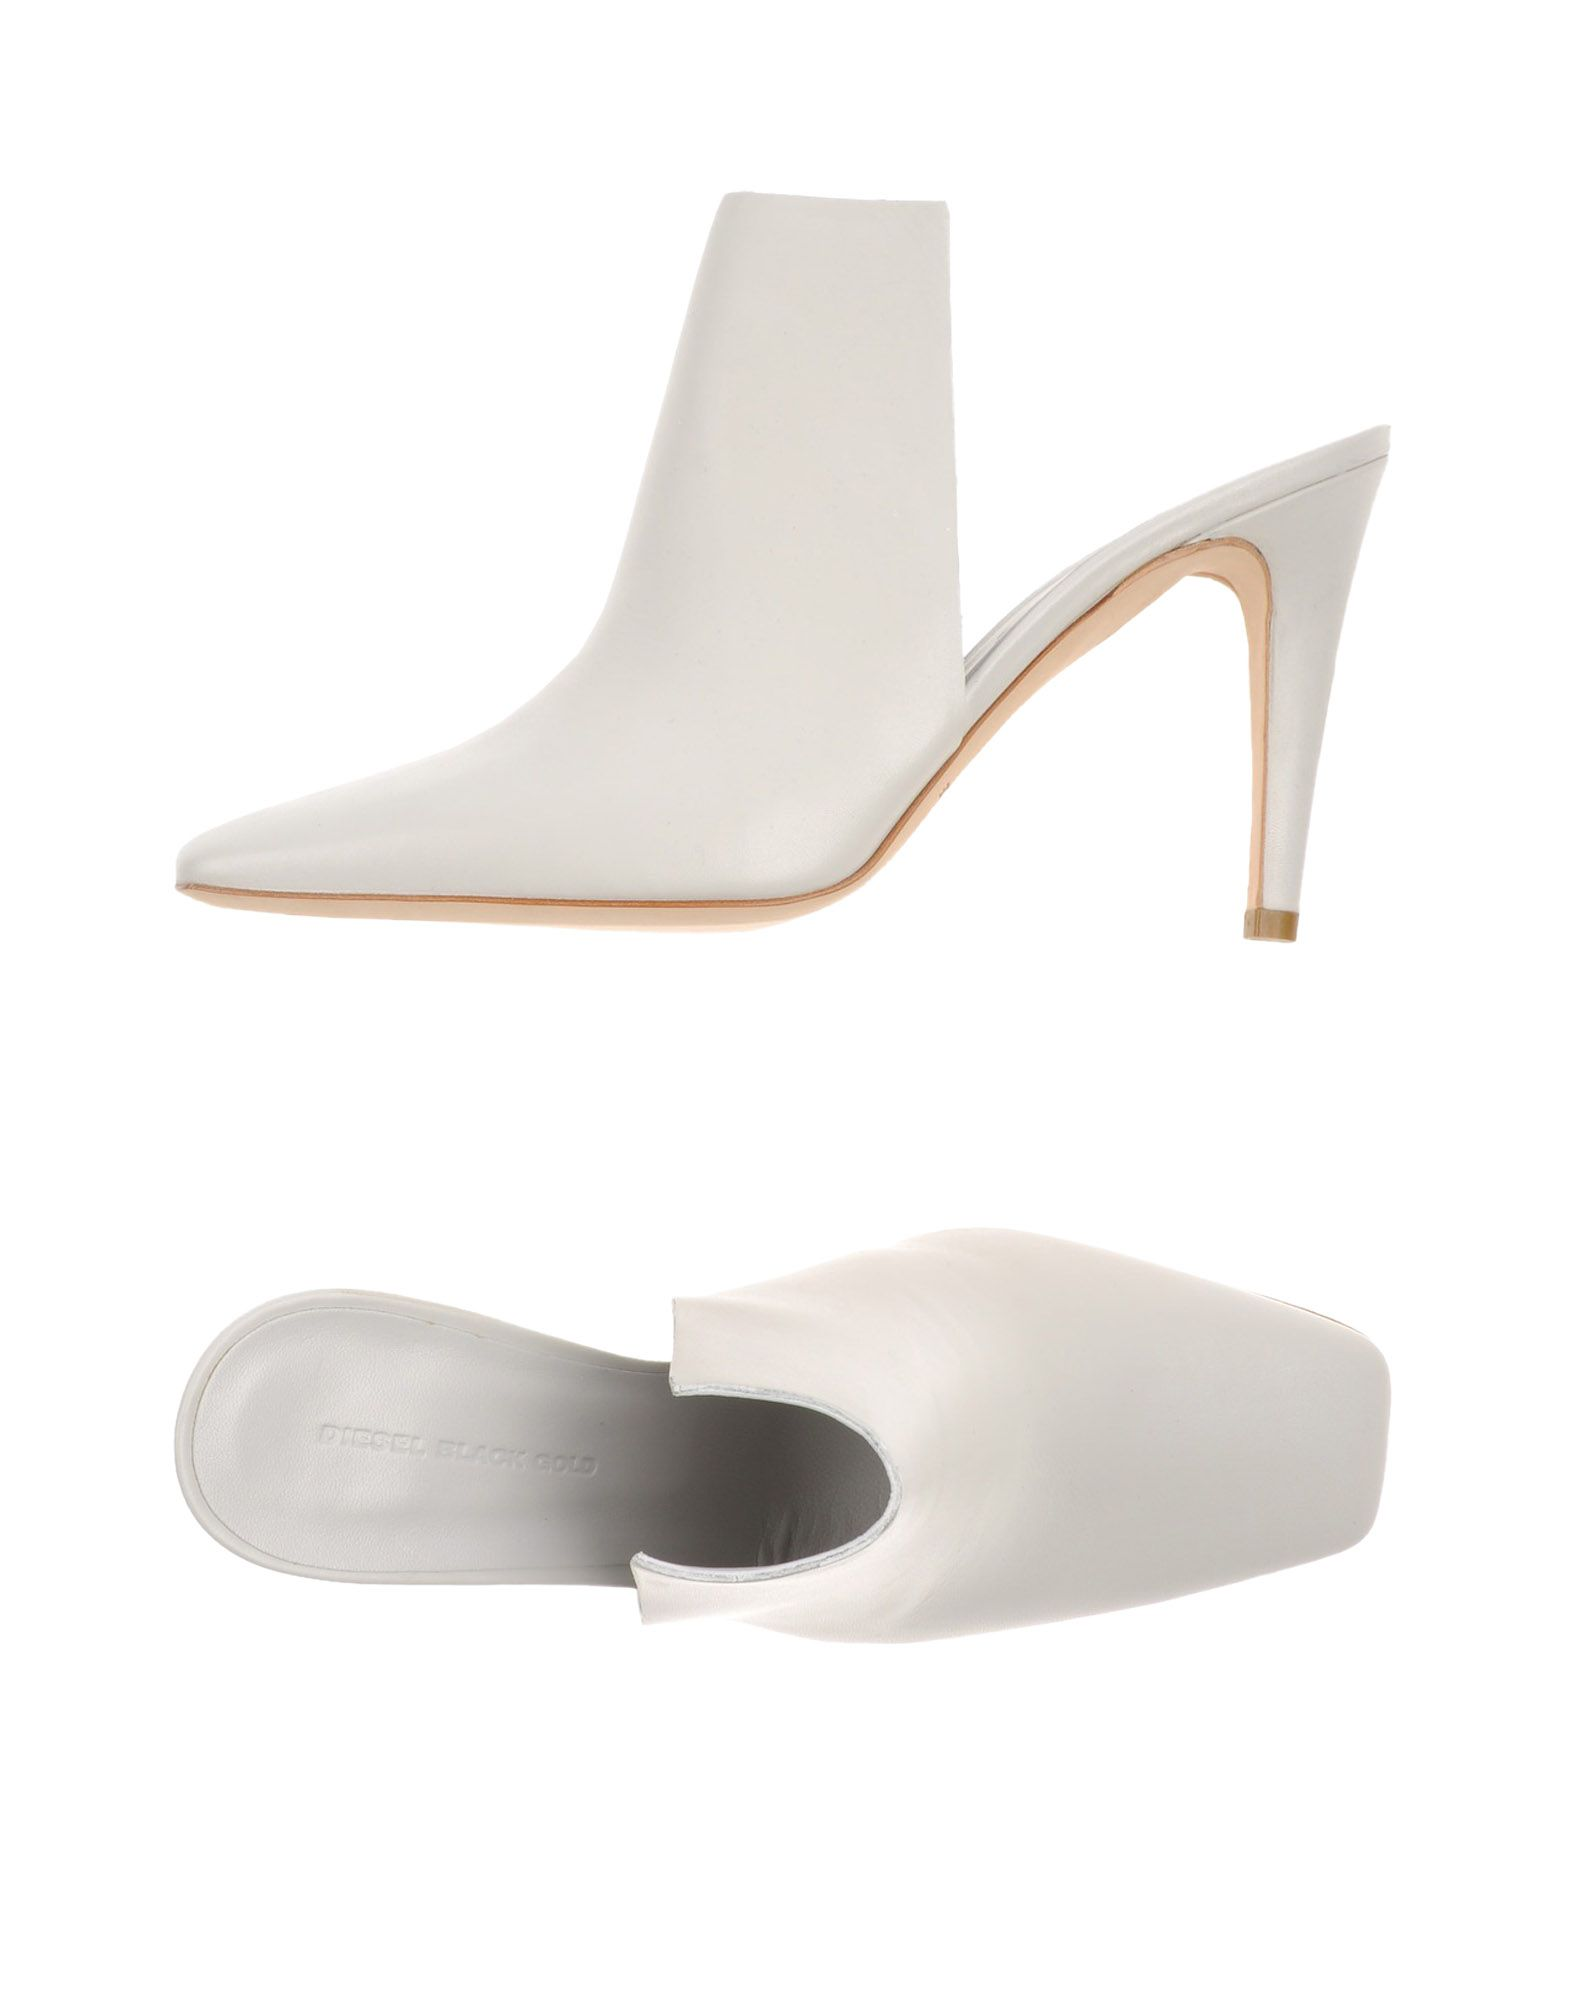 DIESEL BLACK GOLD Damen Mules & Clogs Farbe Weiß Größe 8